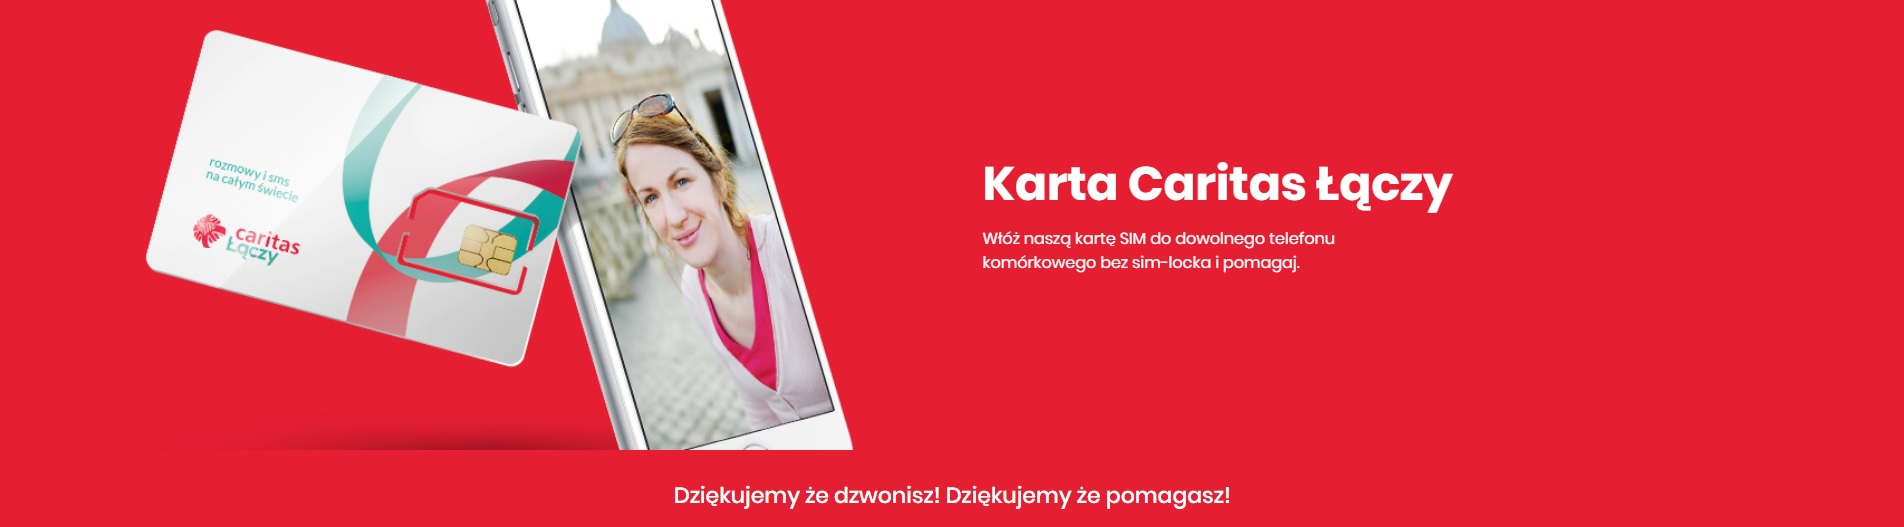 Caritas Łączy karta SIM